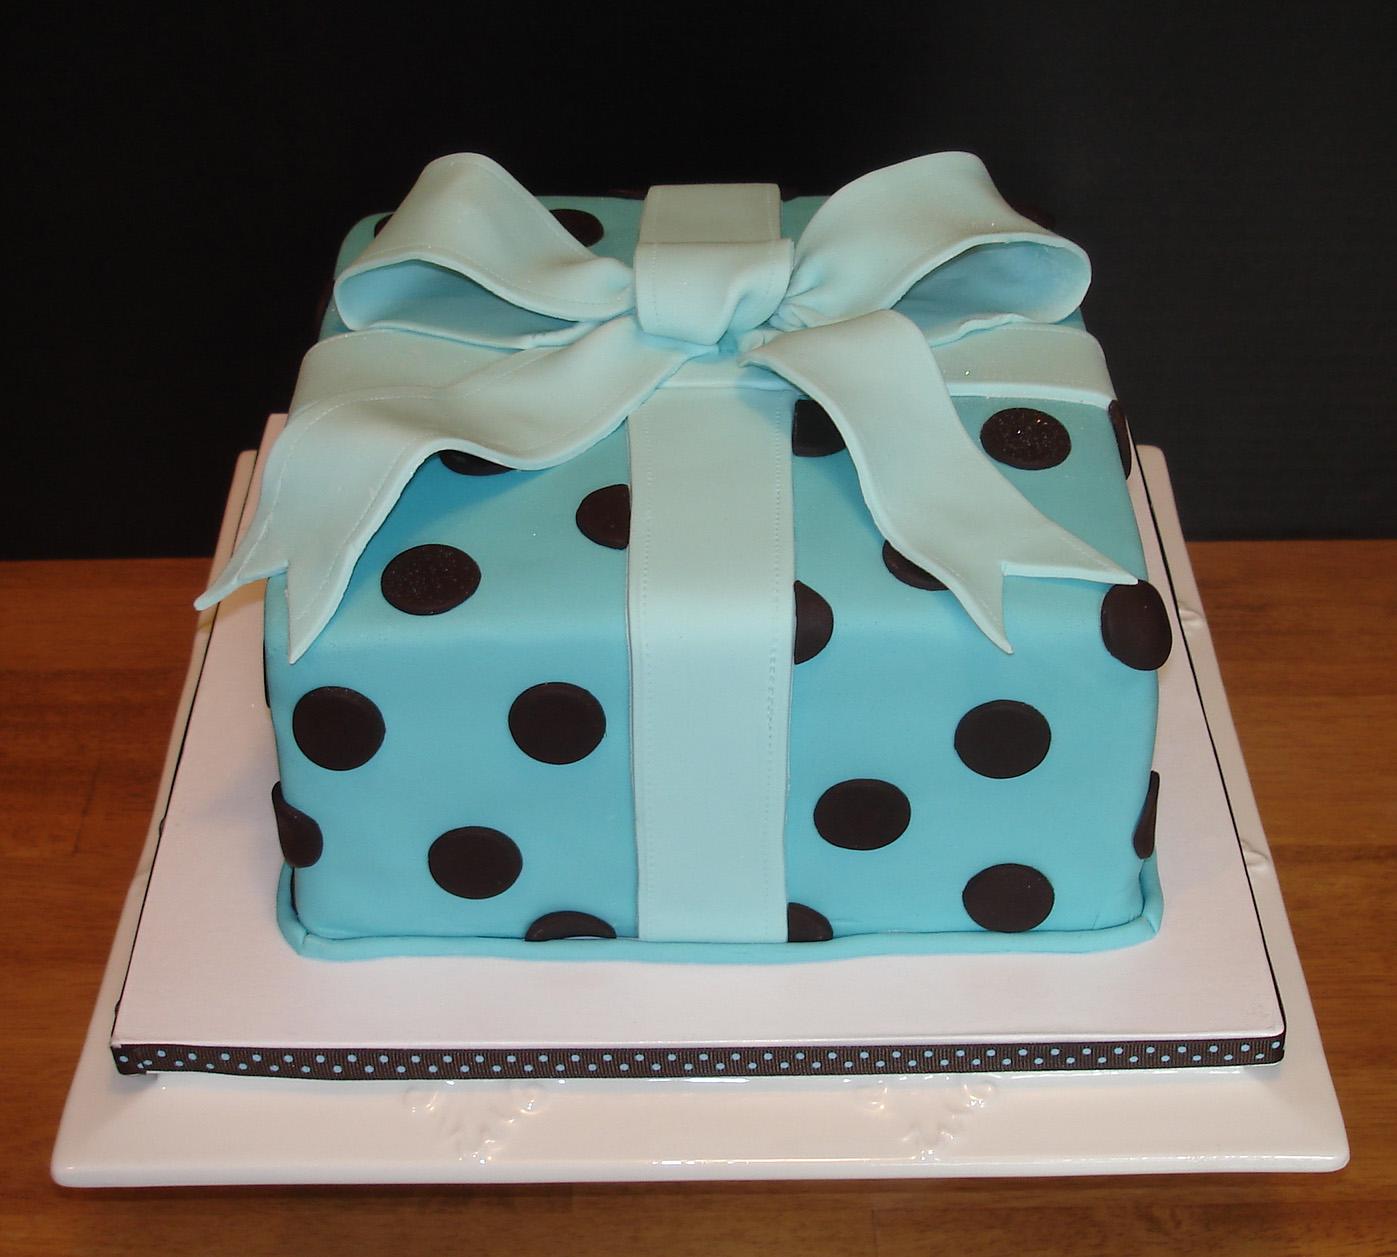 Cake Gift Images : Cake Art by Lani